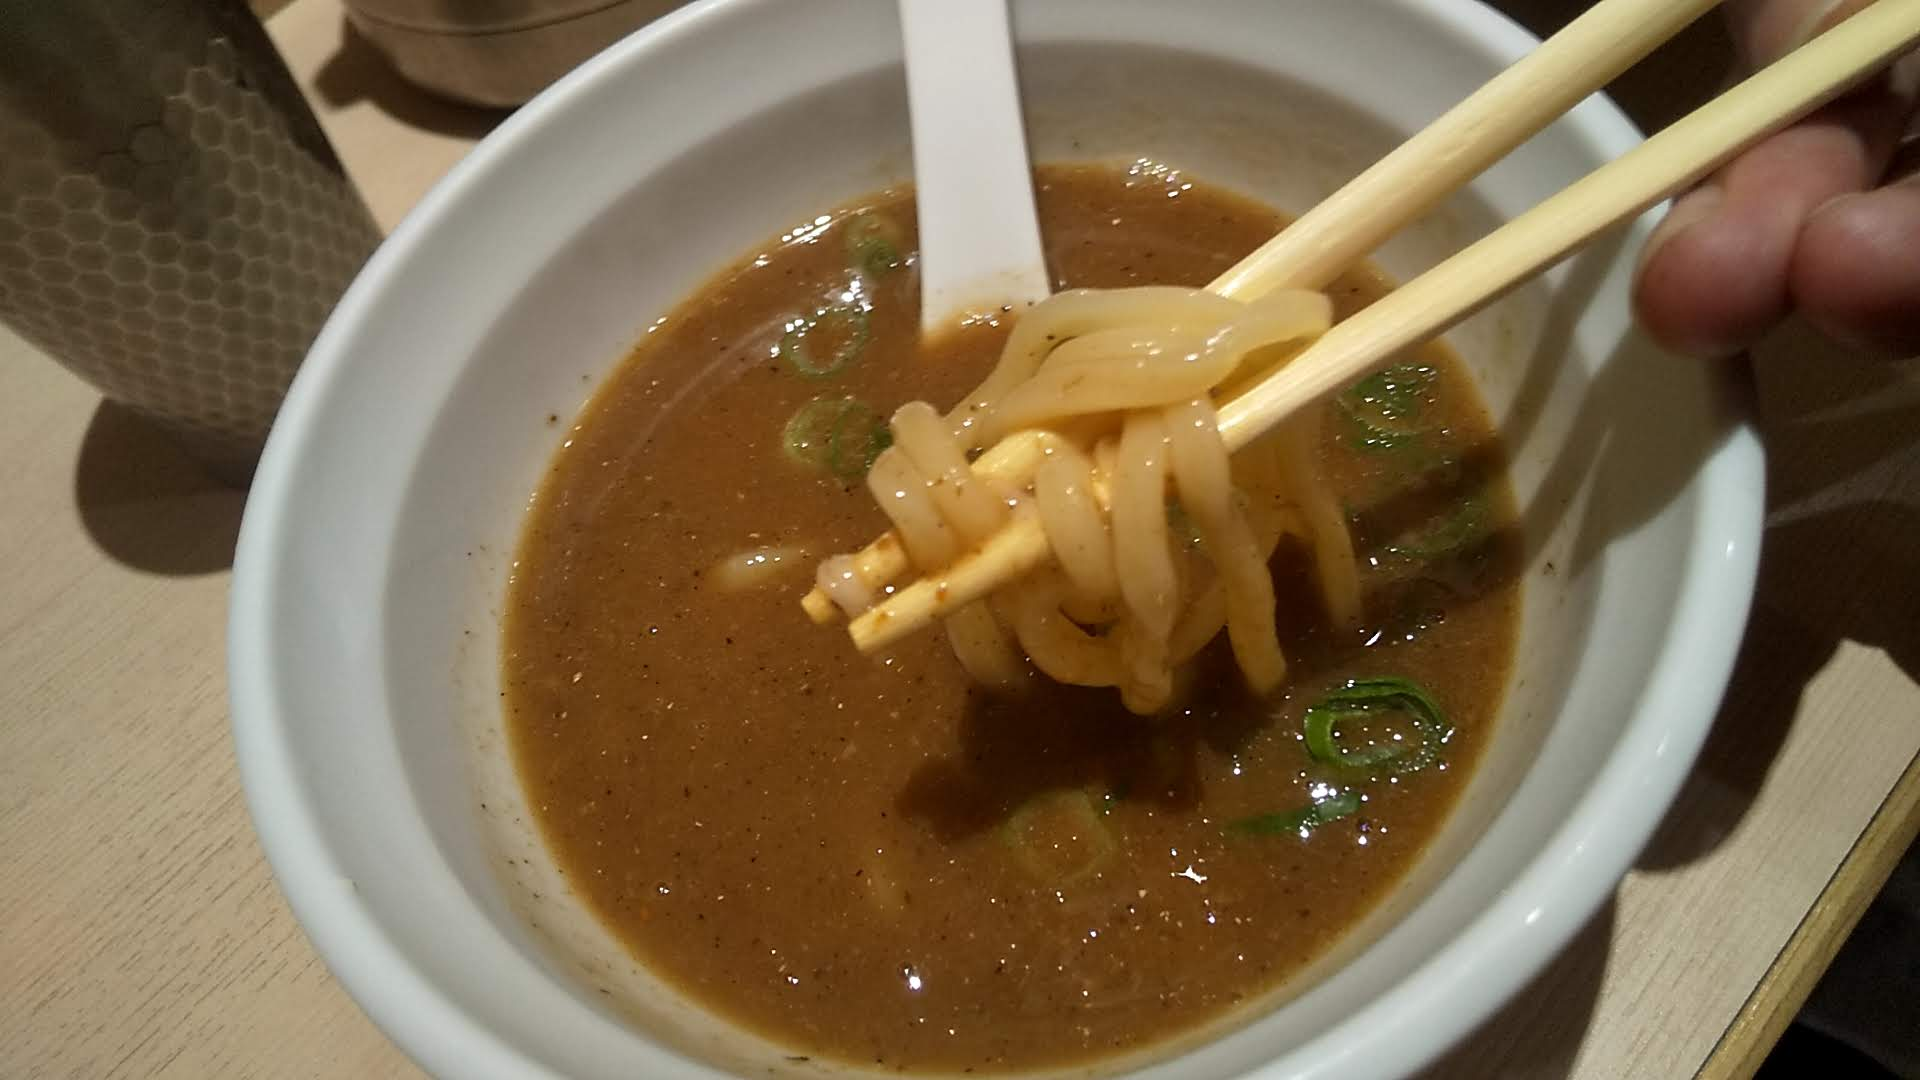 銀座篝池袋店の特製つけSobaの麺リフト